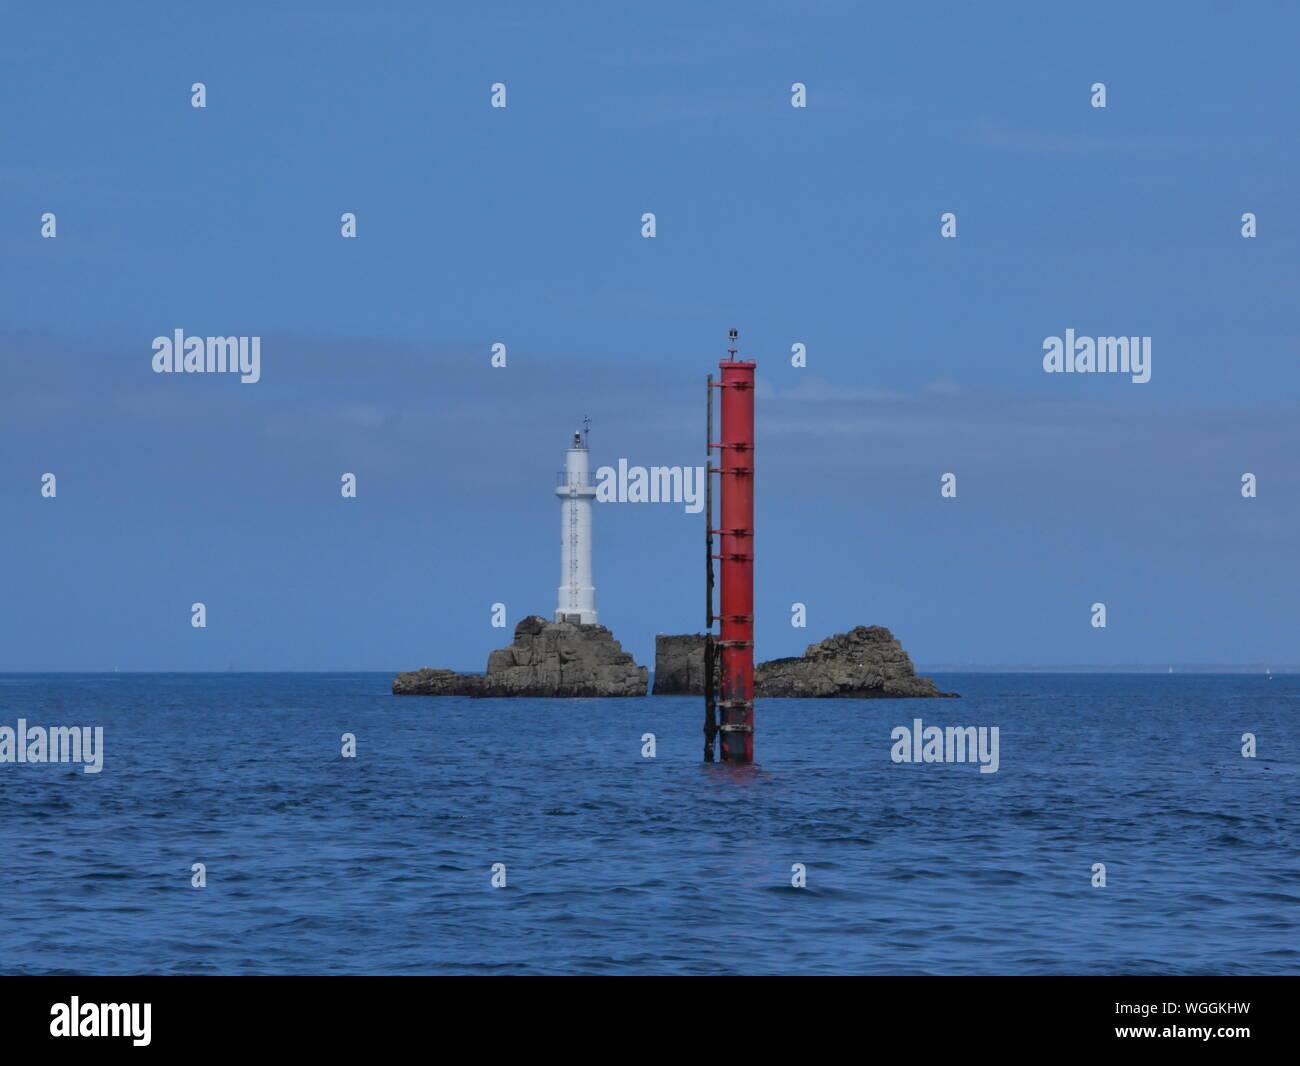 phare des trois pierres , phare blanc de l'île de molène , phare sur rocher en pleine mer , balise rouge , archipel de molène , île de ouessant       . Stock Photo